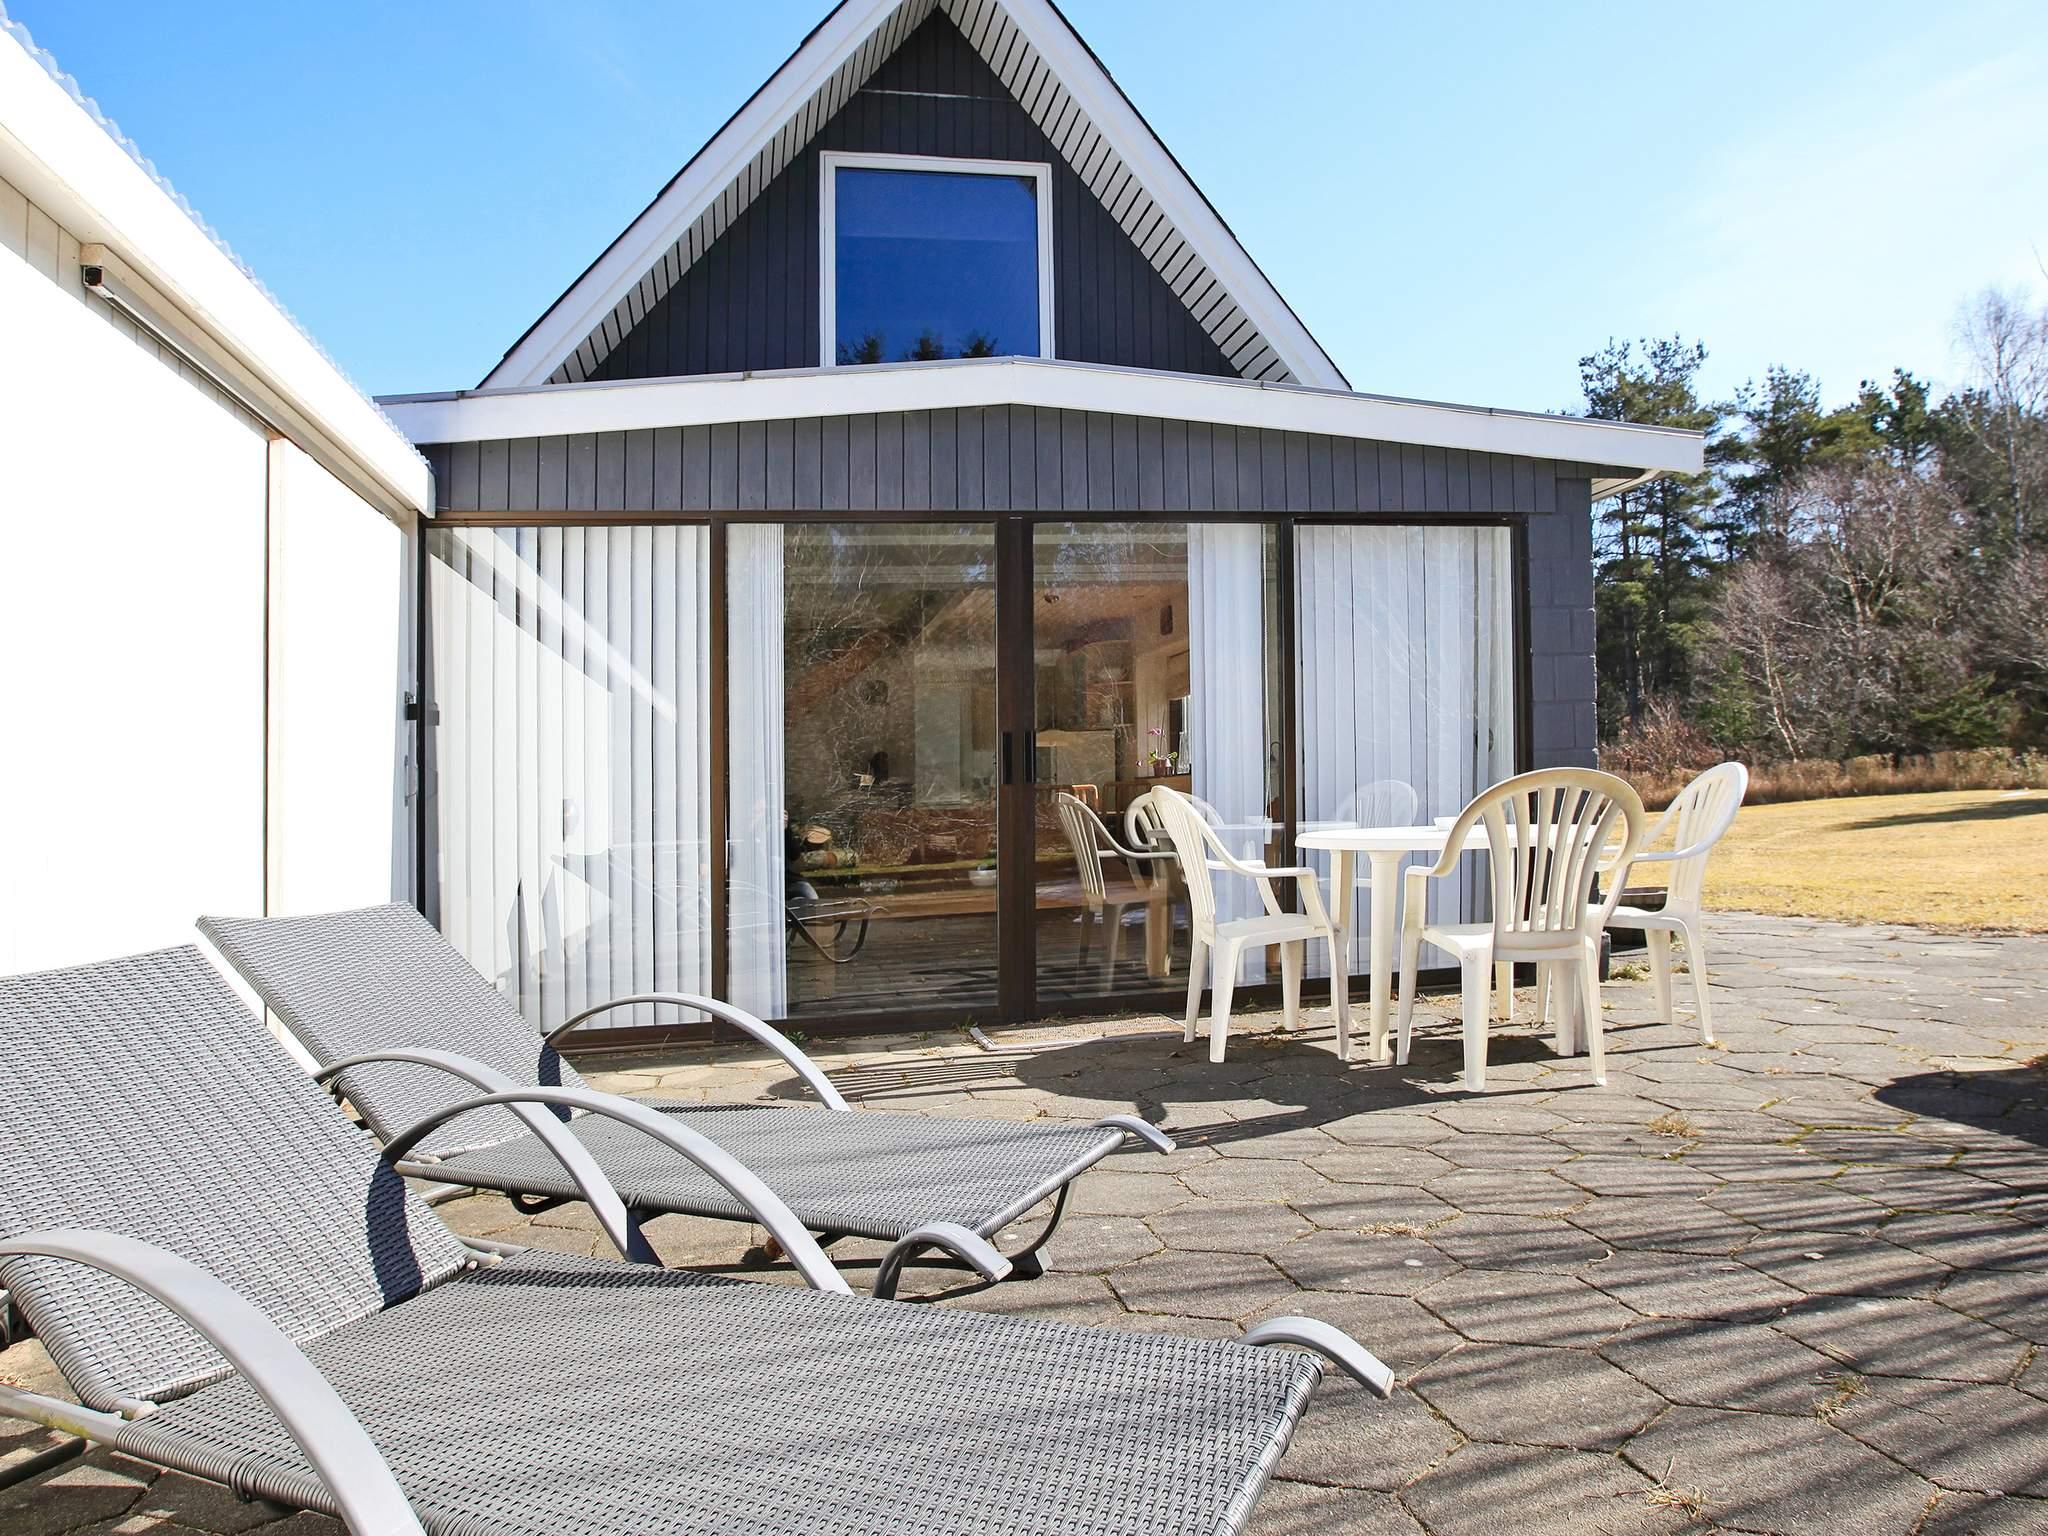 Ferienhaus Silkeborg (757425), Silkeborg, , Ostjütland, Dänemark, Bild 20